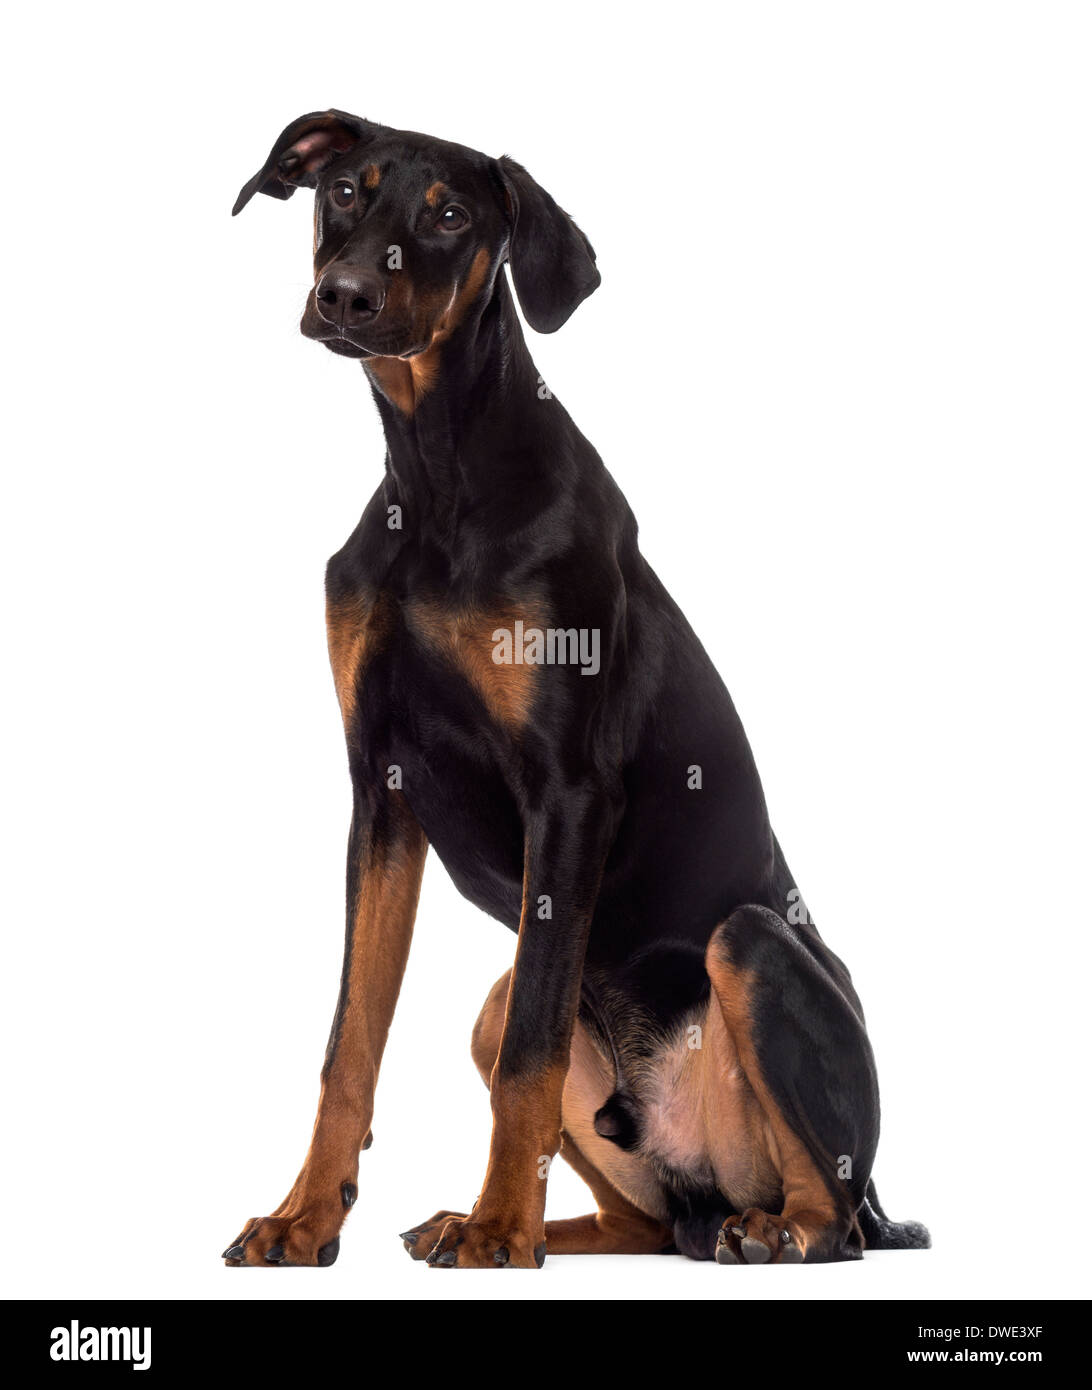 Doberman Pinscher Dog Puppy Sitting Stockfotos Doberman Pinscher